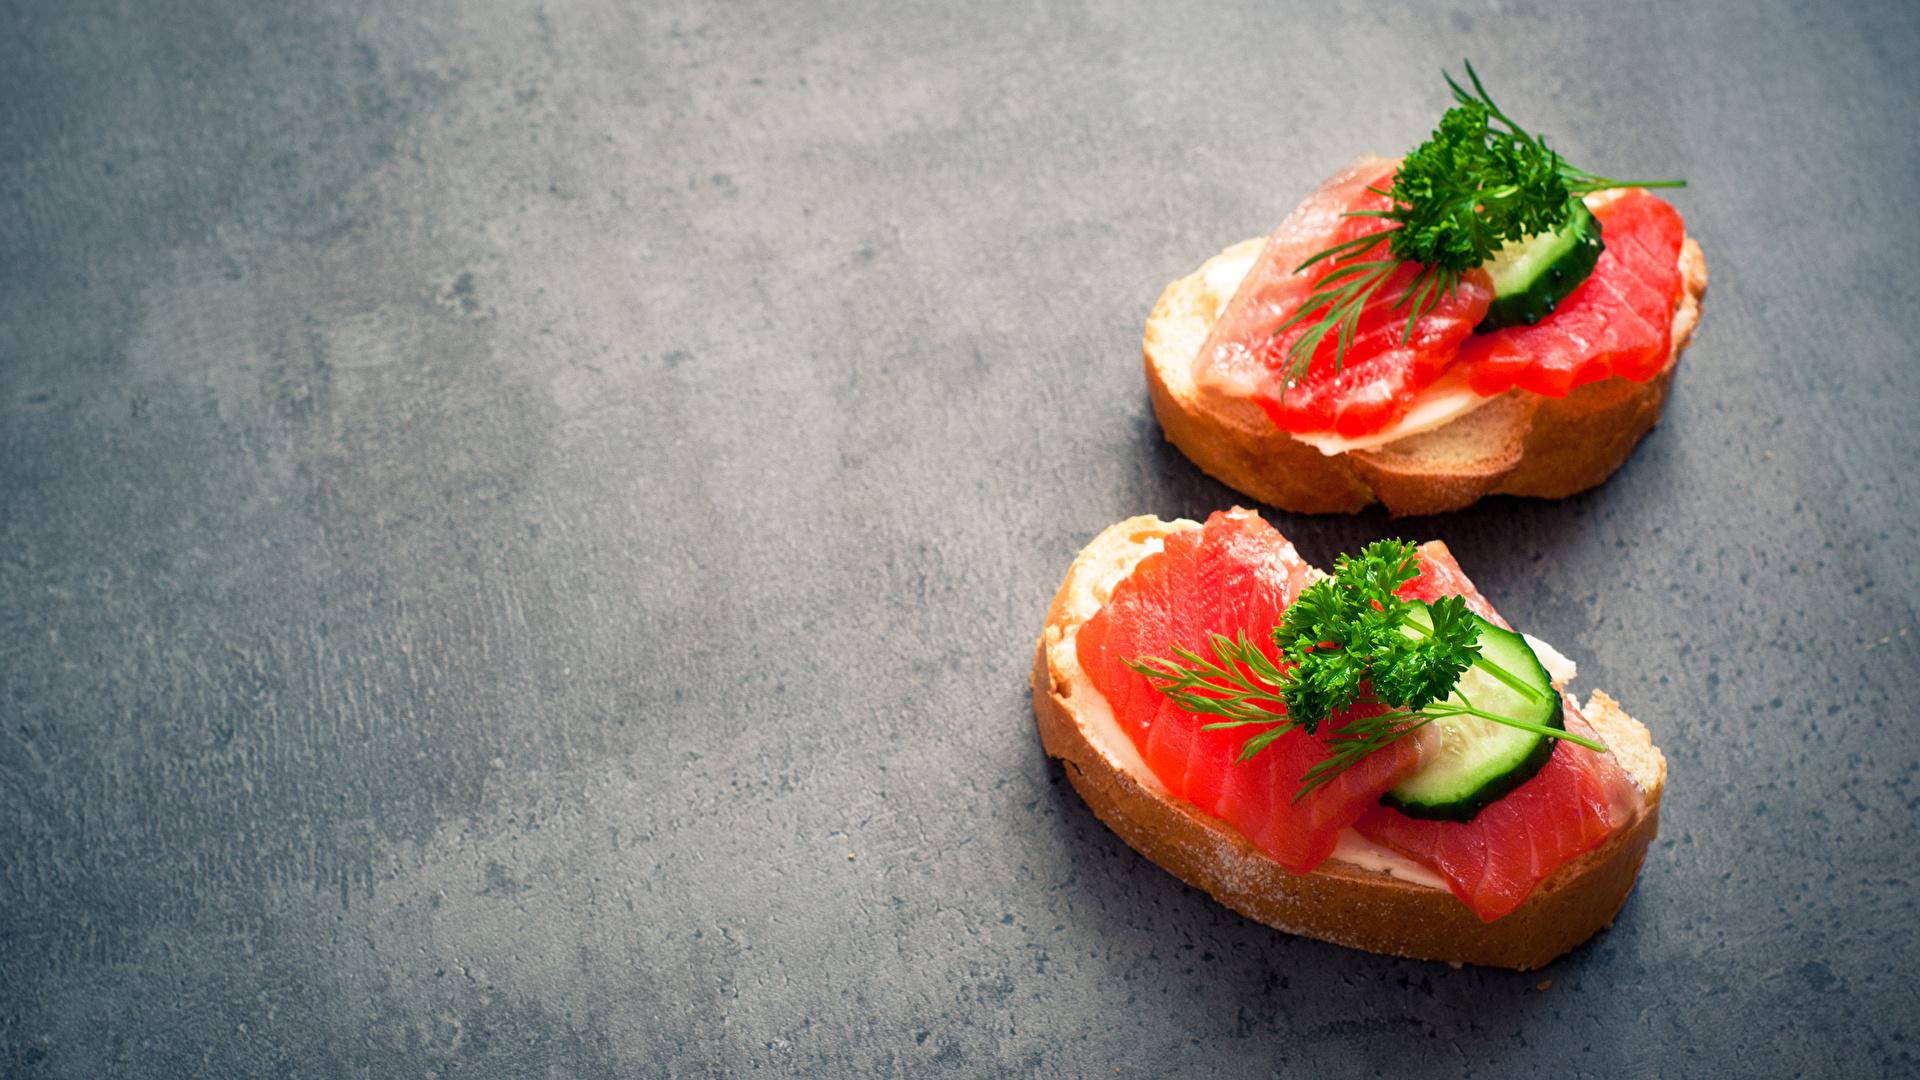 Картинка Двое Хлеб Рыба Бутерброды Пища Овощи 1920x1080 2 вдвоем Еда Продукты питания